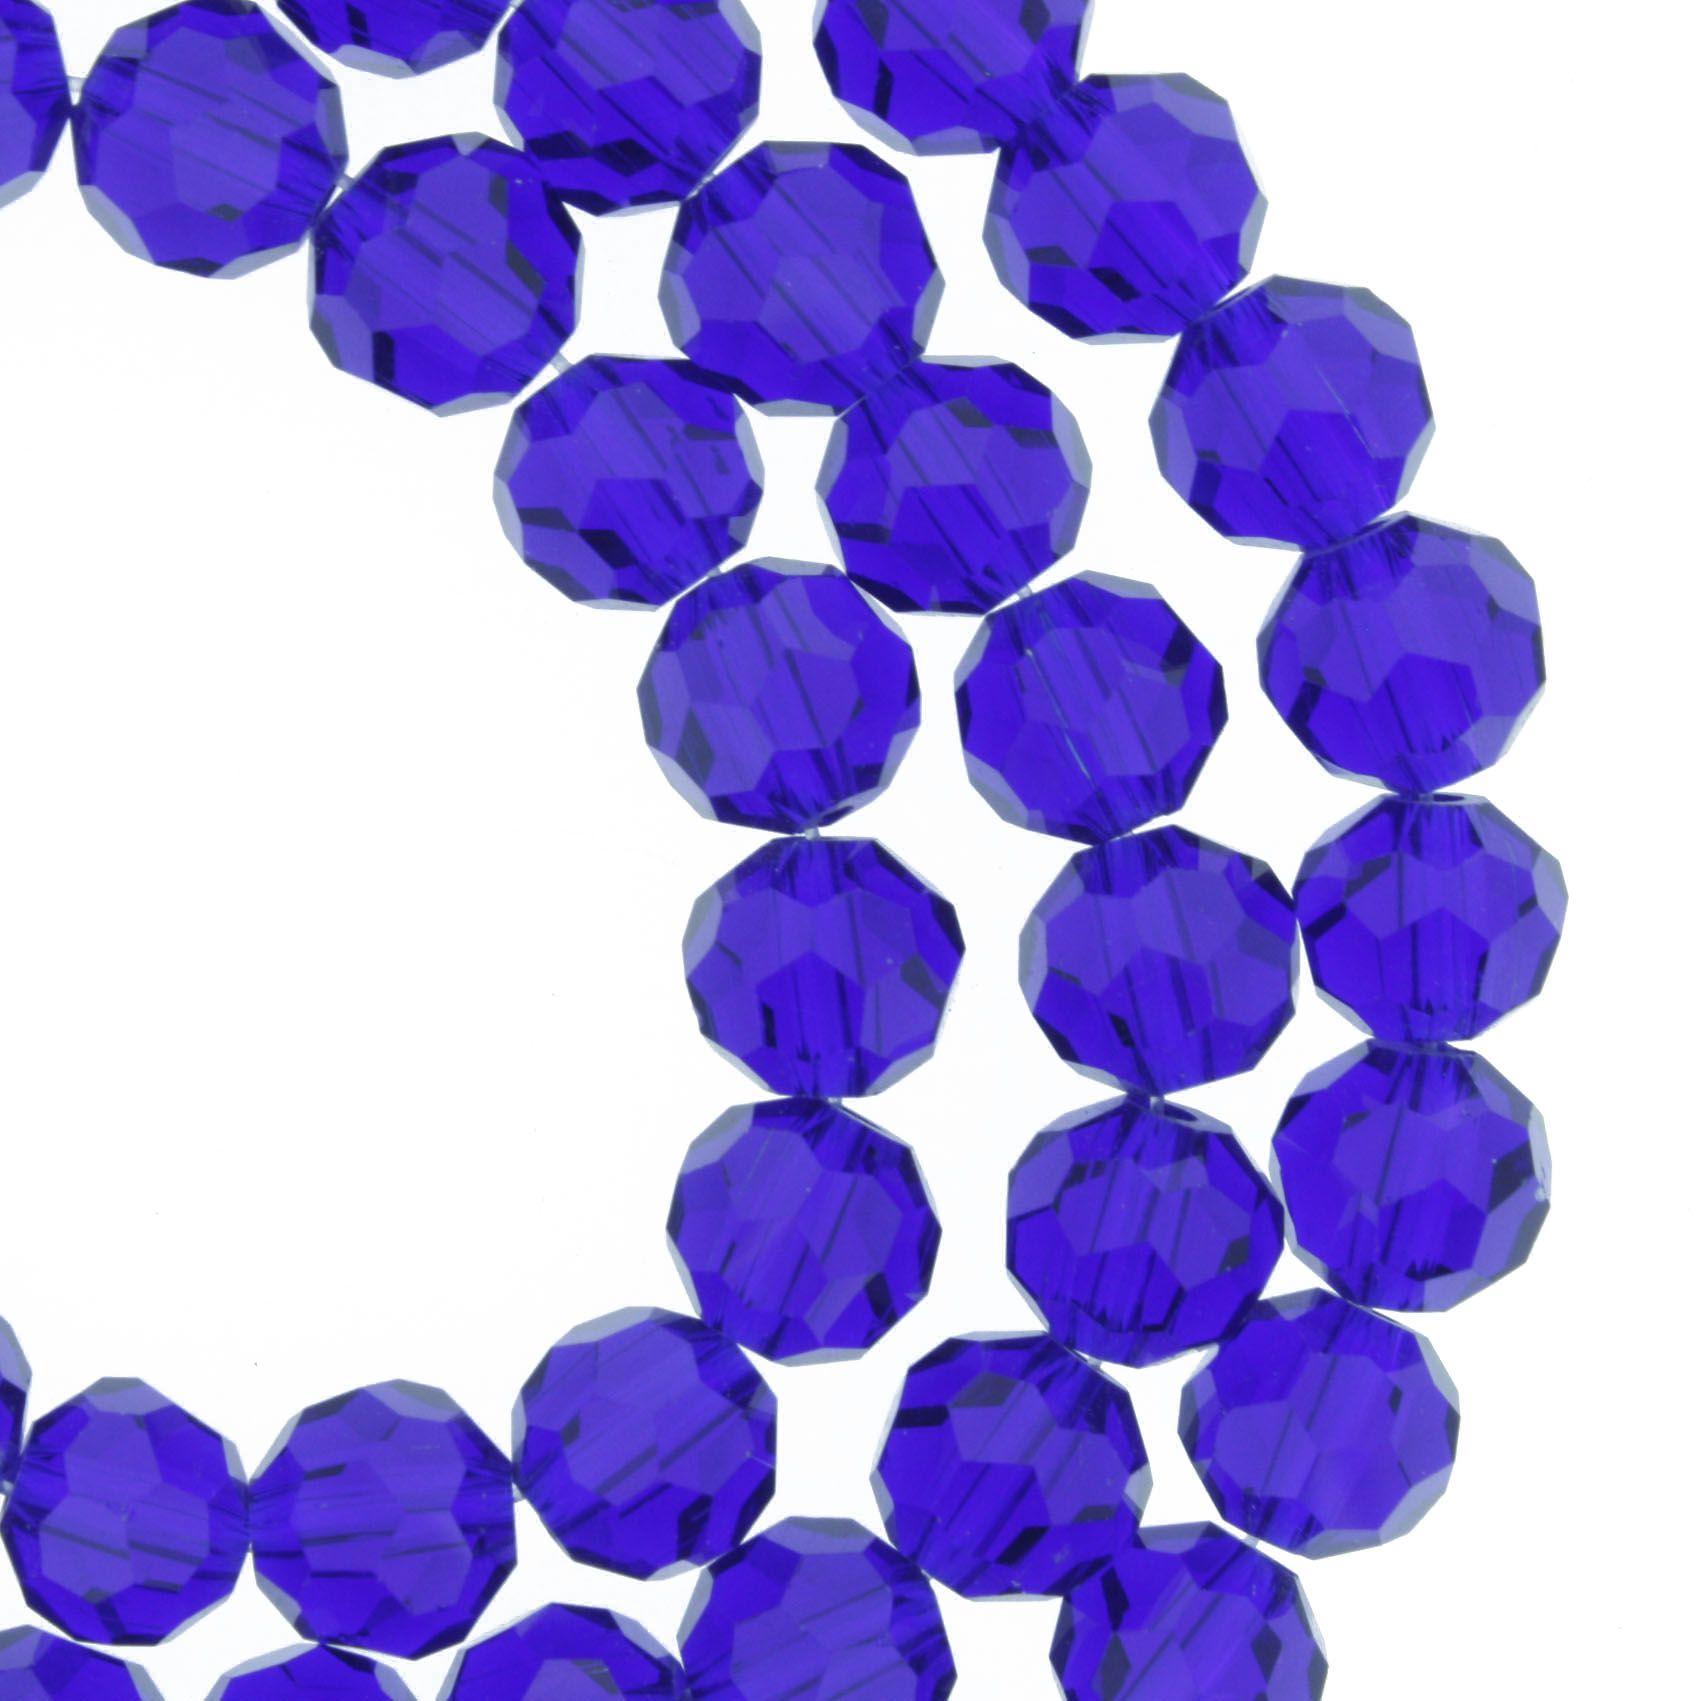 Fio de Cristal - Premium® - Azul Royal Transparente - 8mm  - Stéphanie Bijoux® - Peças para Bijuterias e Artesanato